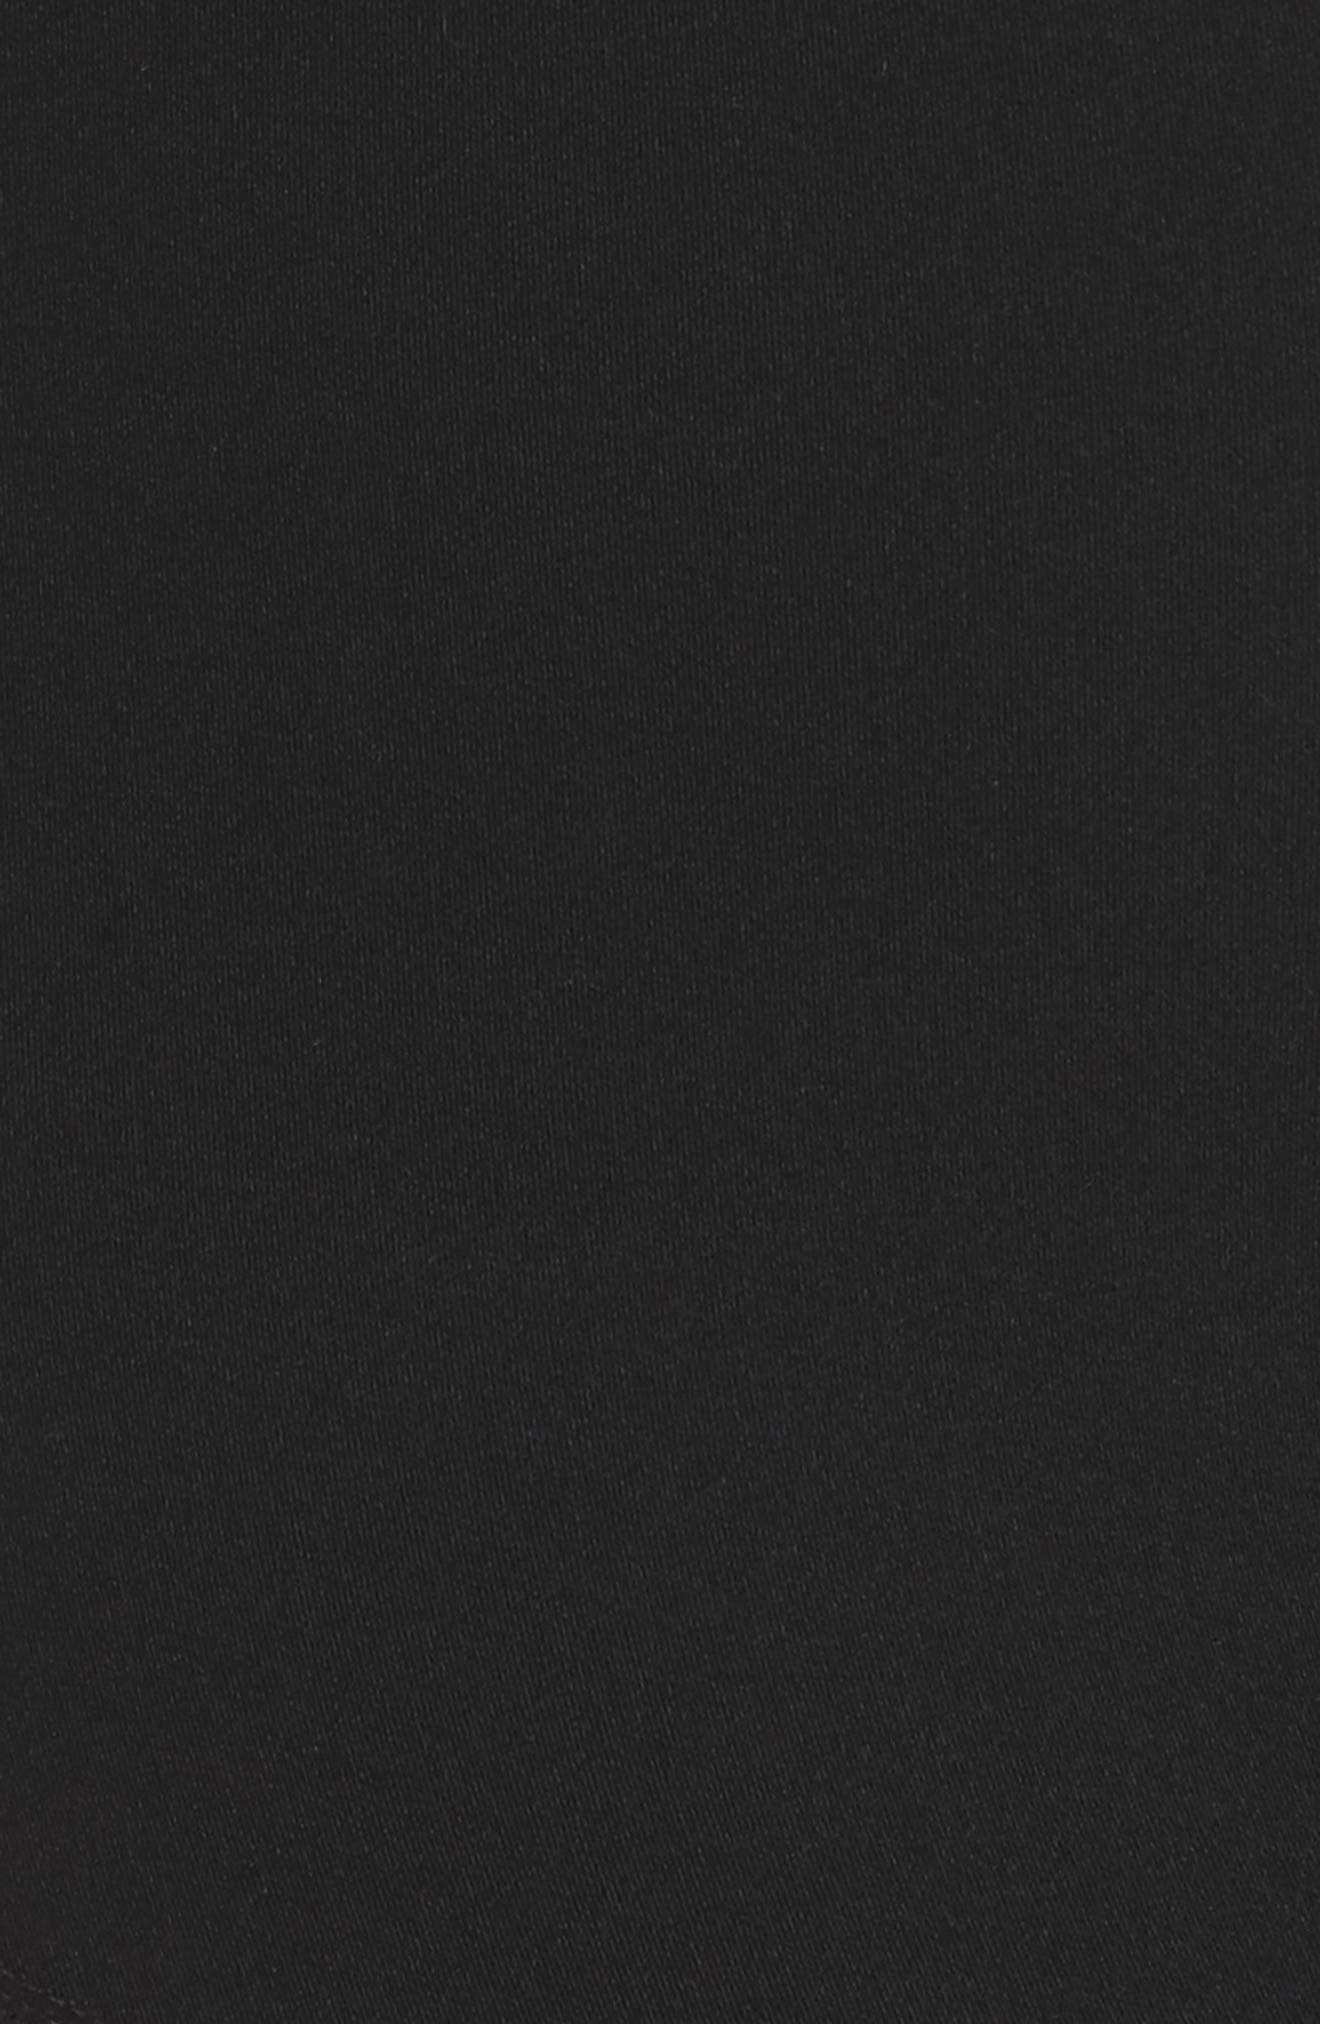 Marika High Waist Ankle Leggings,                             Alternate thumbnail 5, color,                             Black